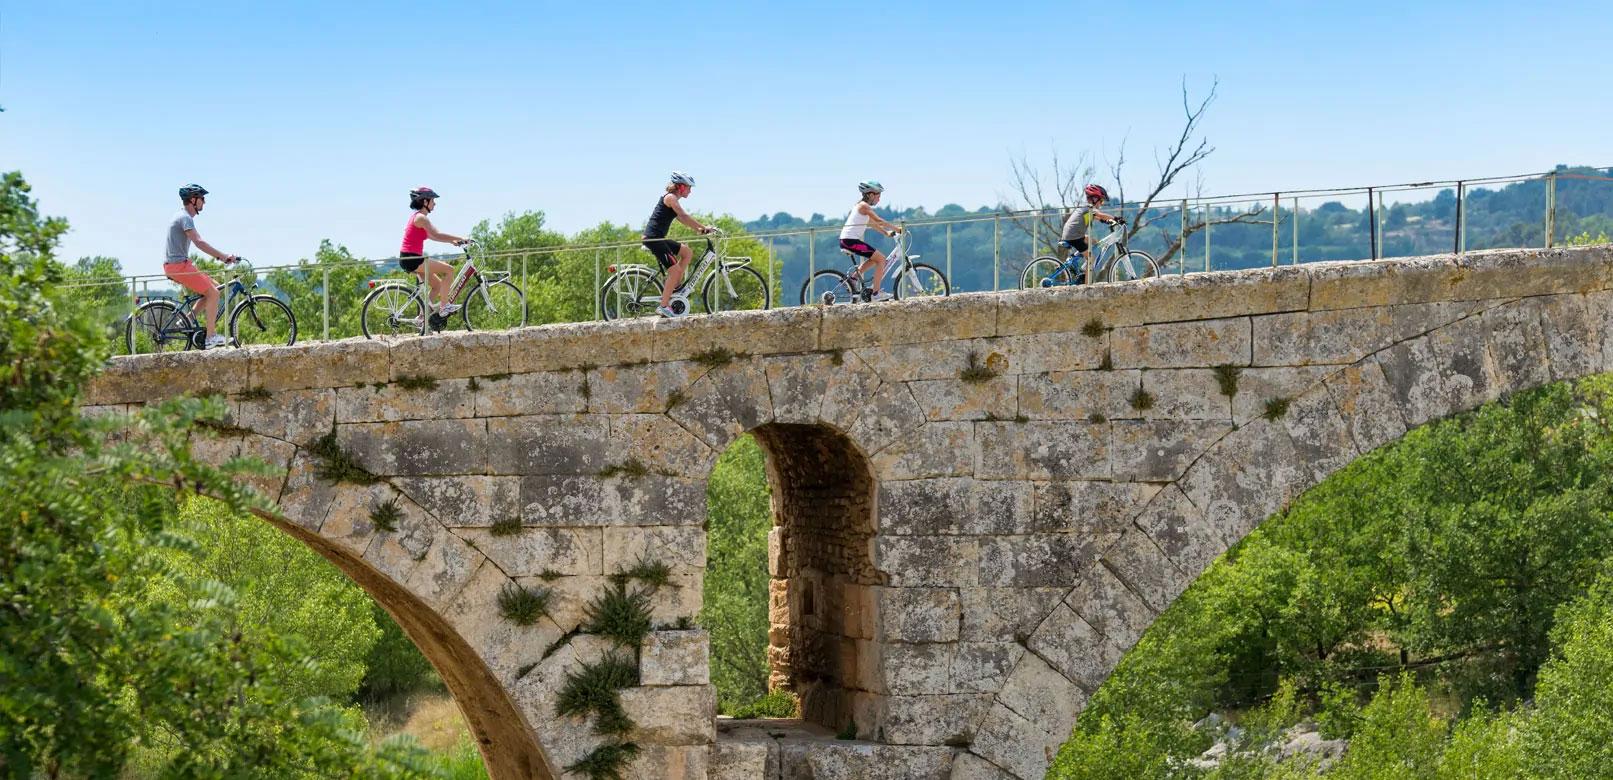 Balade à vélo dans le Luberon sur la véloroute du Calavon